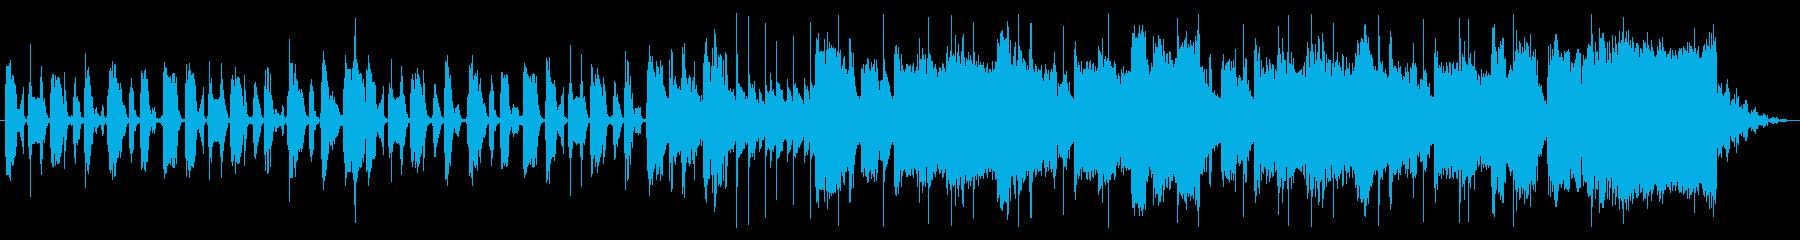 思わず体が動くようなビッグバンド系ポップの再生済みの波形